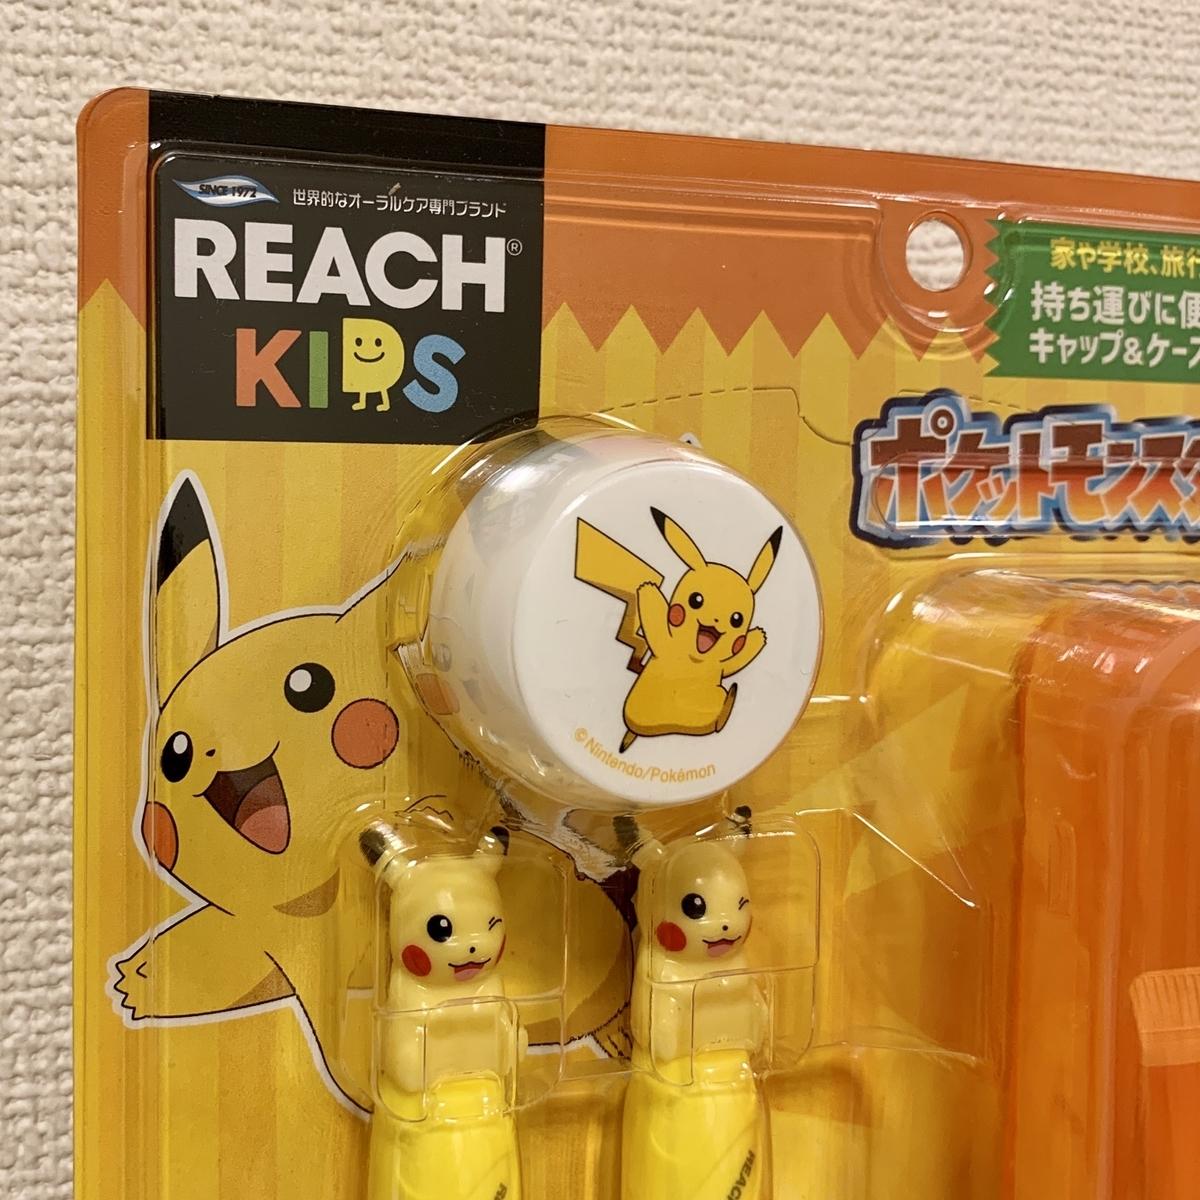 f:id:pikachu_pcn:20200627205454j:plain